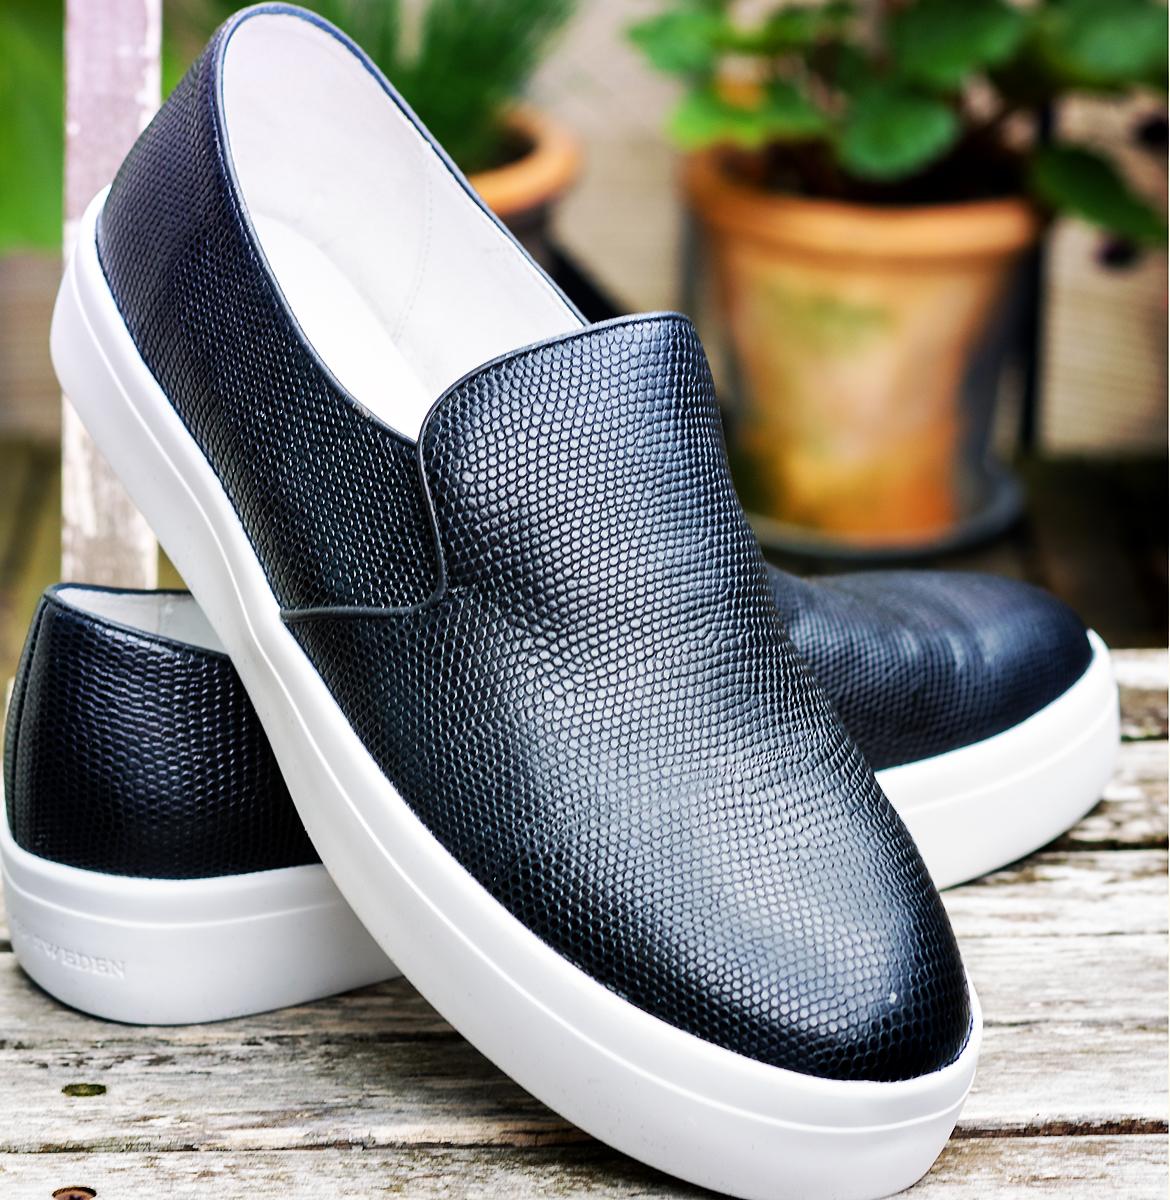 sneakers_buty_skorzane